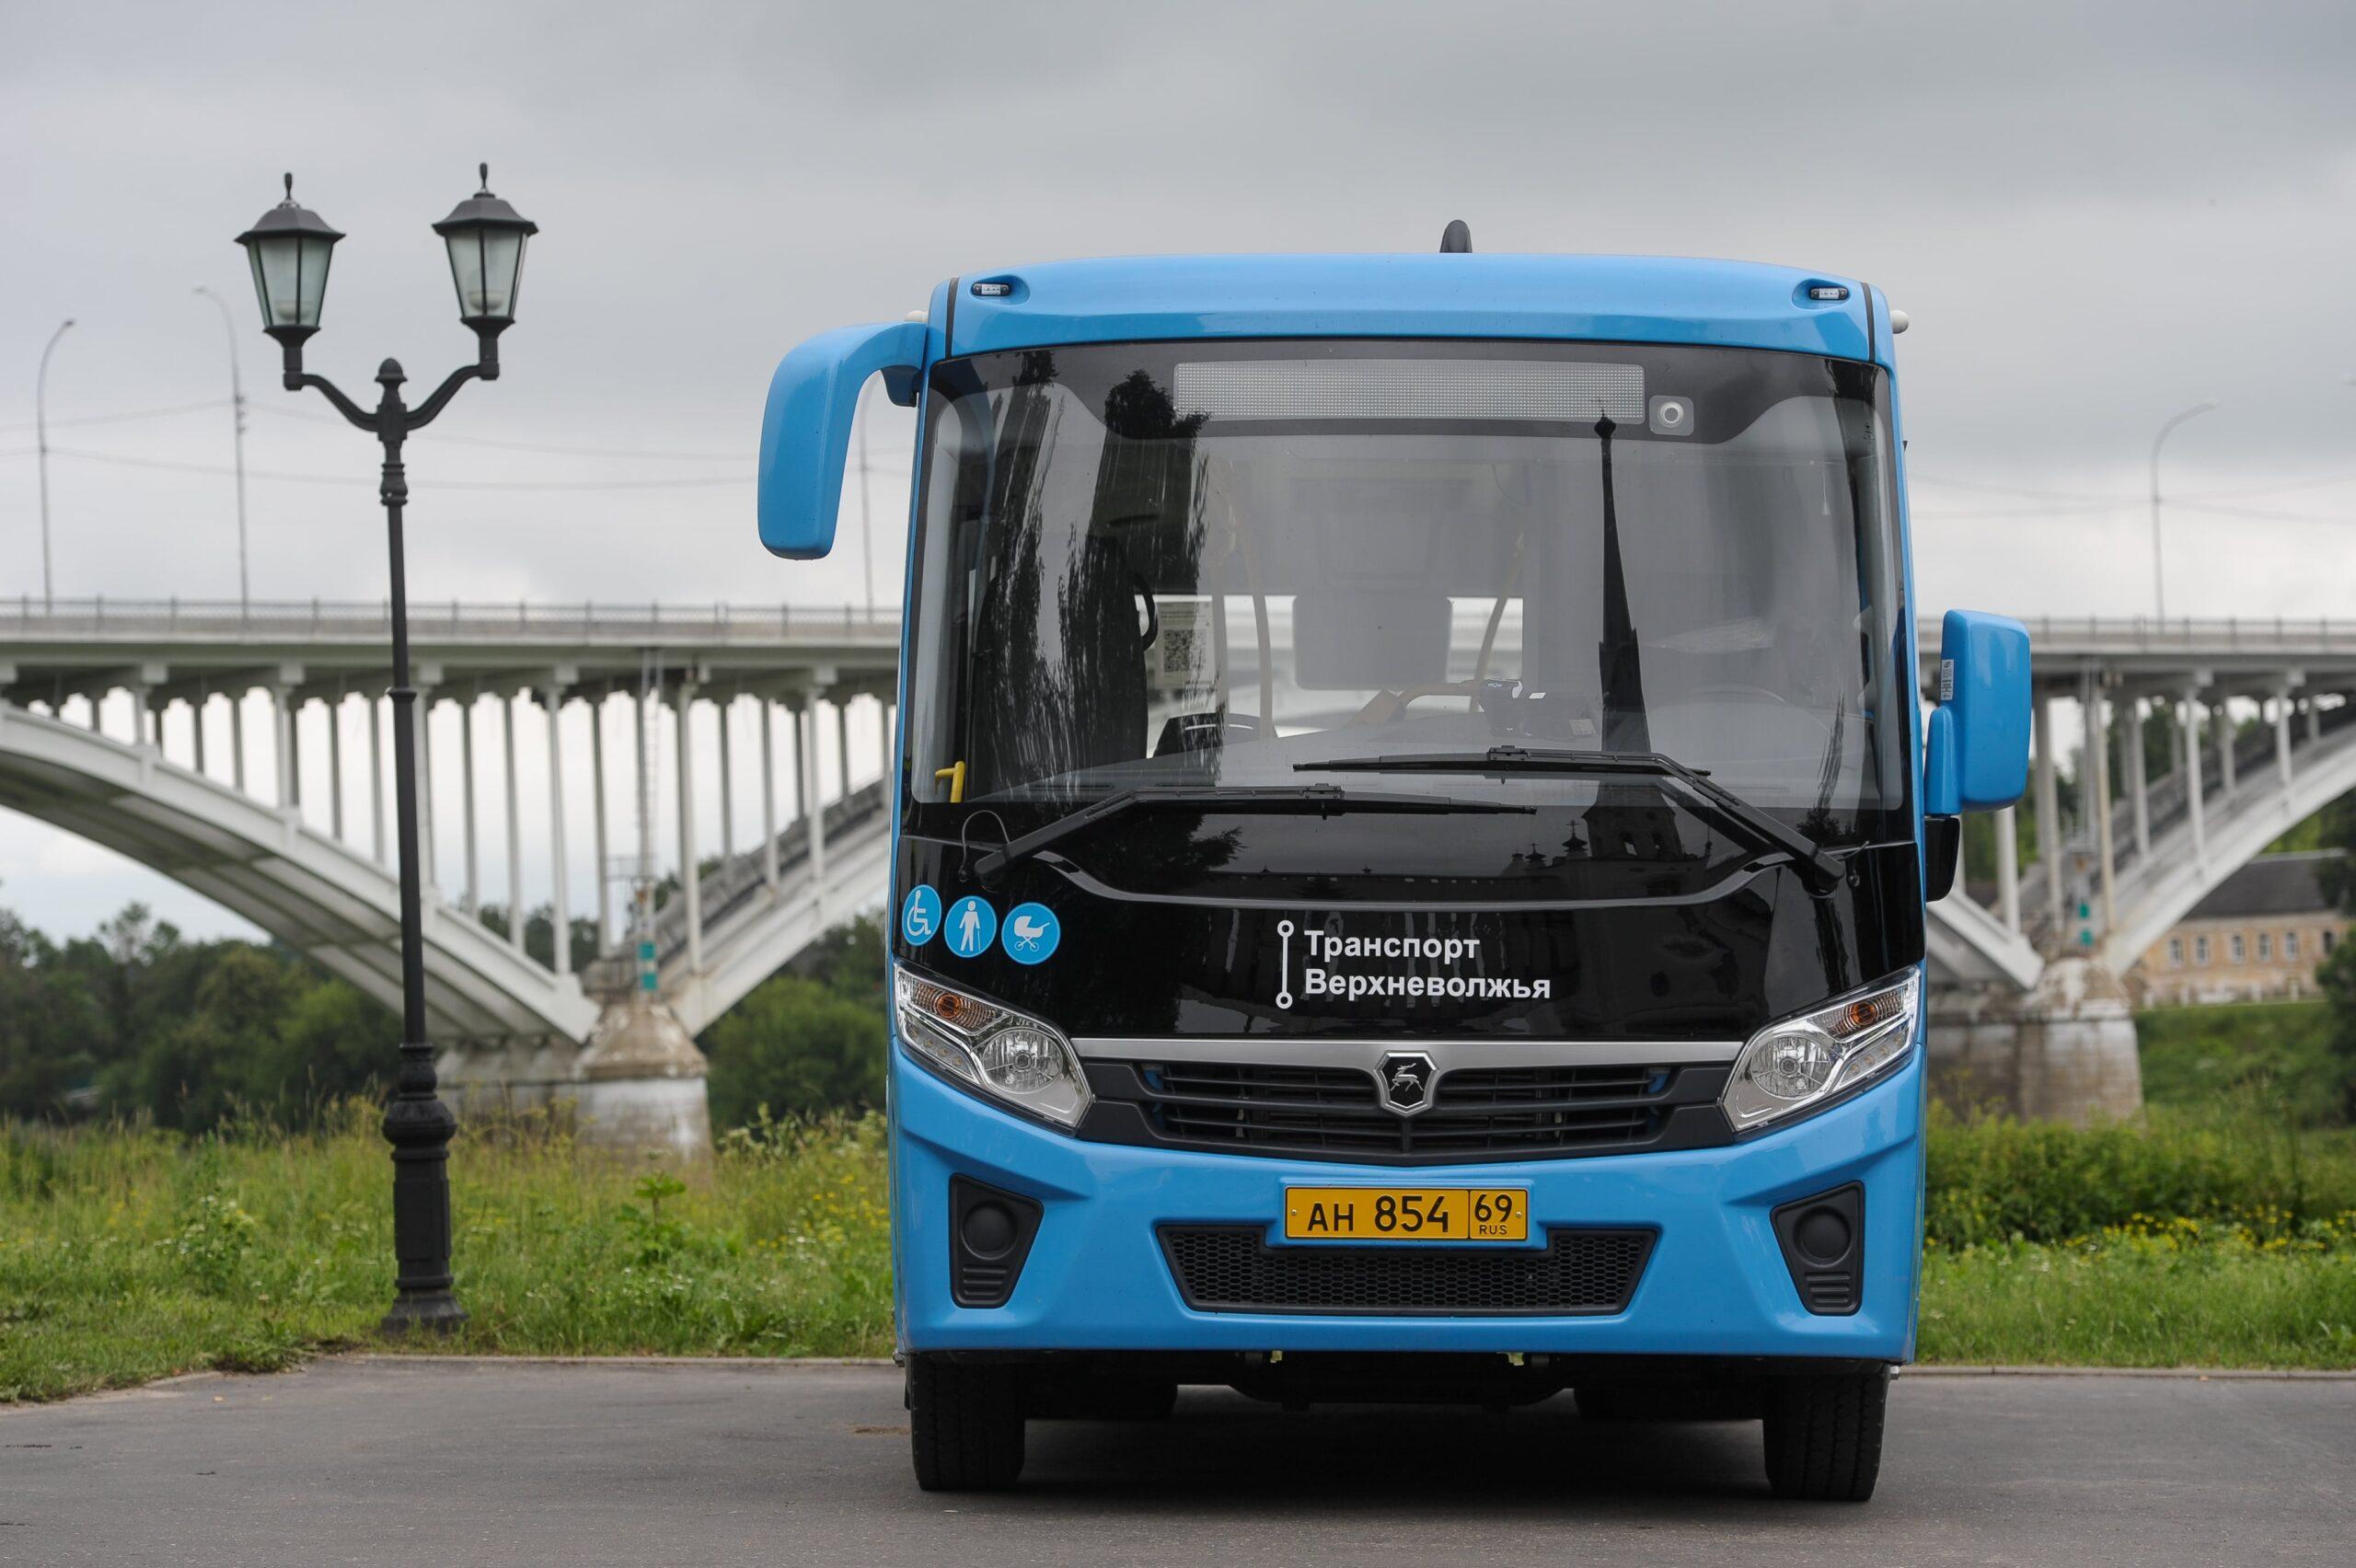 В марте 2022 года в Конаковском районе запустят «Транспорт Верхневолжья»